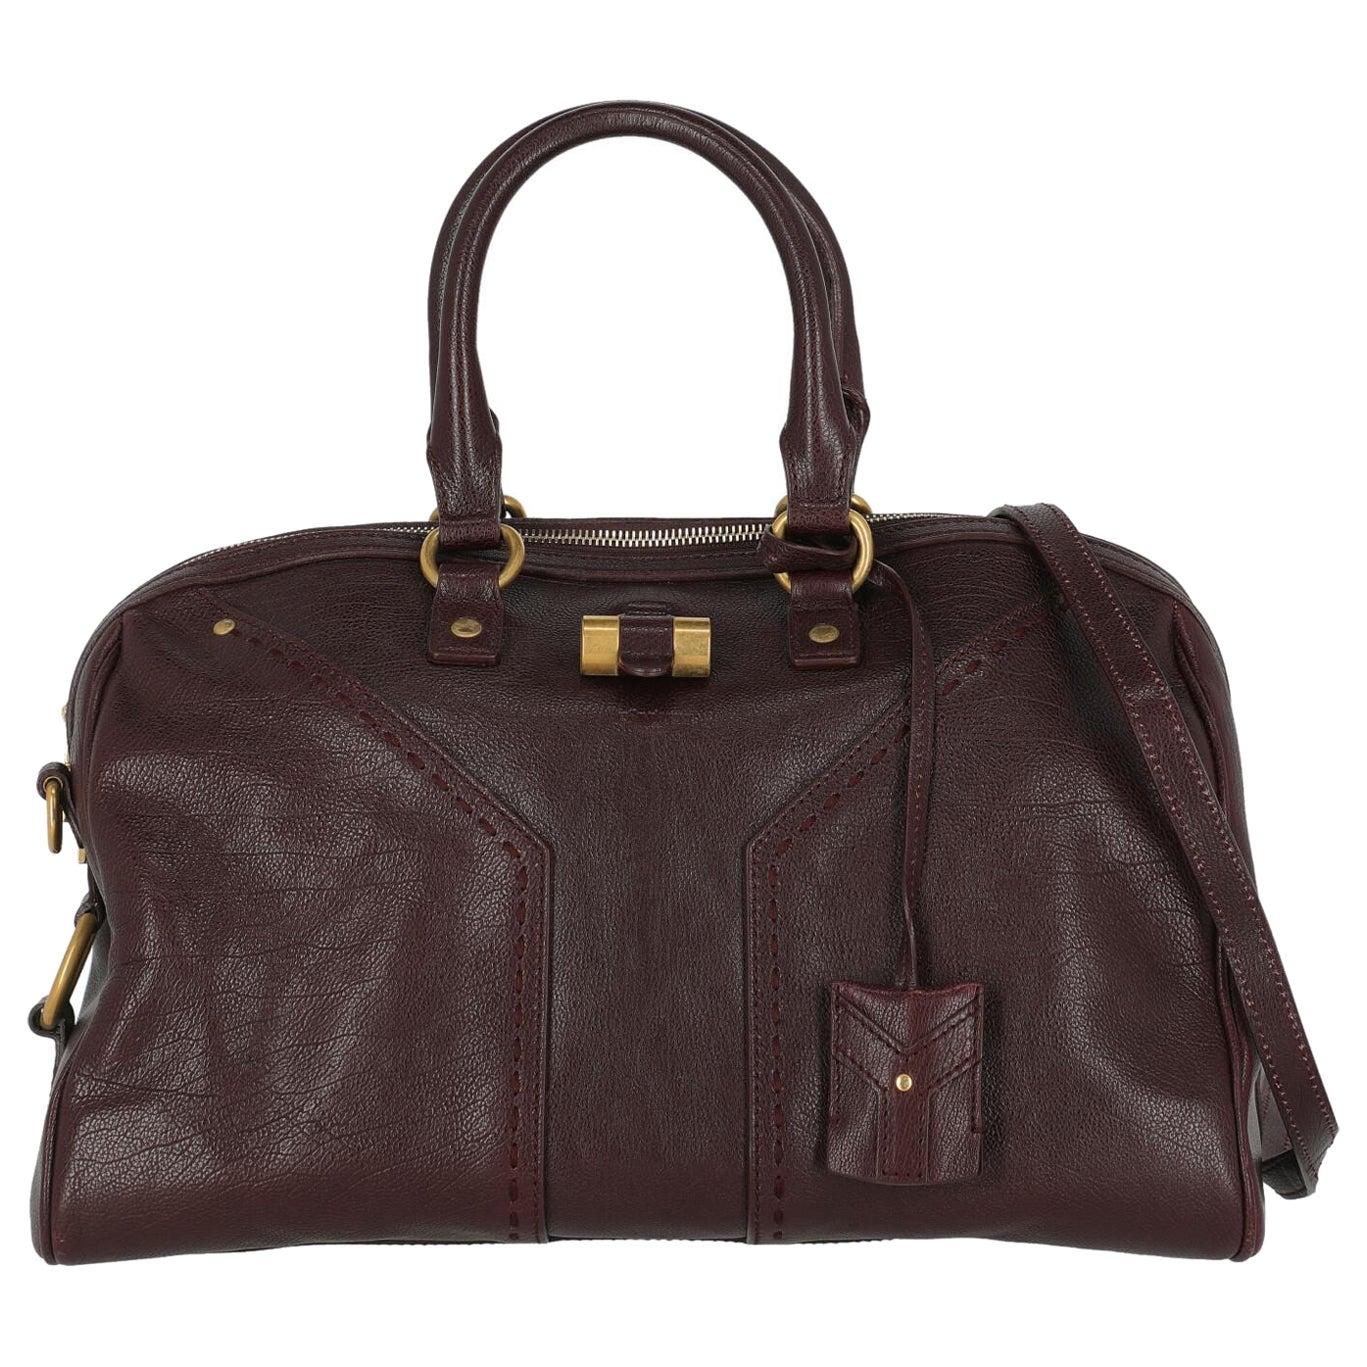 Saint Laurent Women Shoulder bags Muse Purple Leather